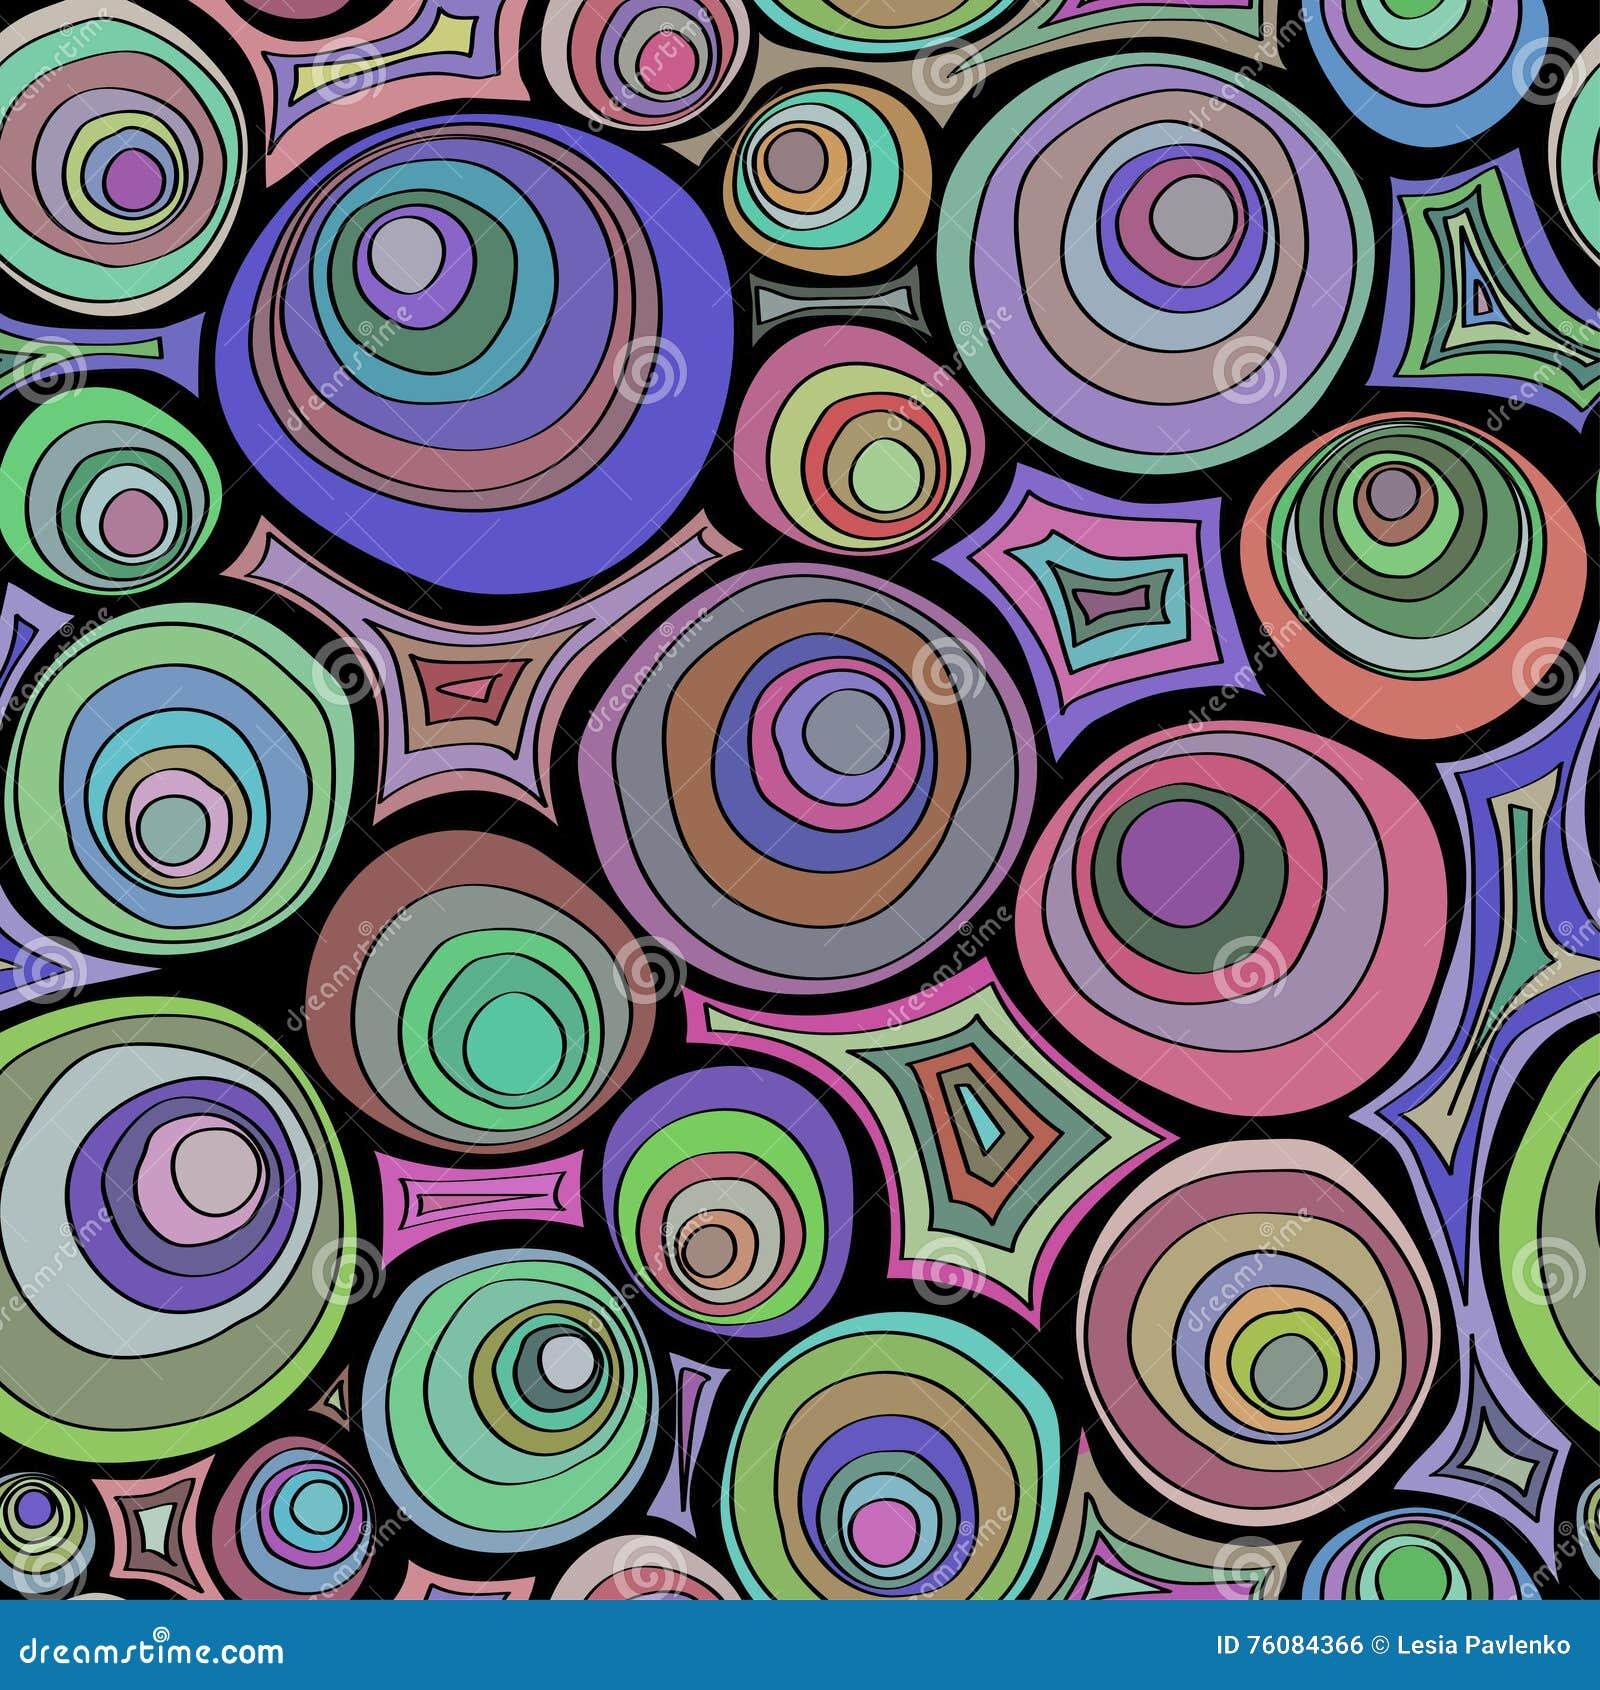 Нарисованная рукой картина doodle безшовная с орнаментом кругов Шальная цветовая палитра Психоделические концентрические круги